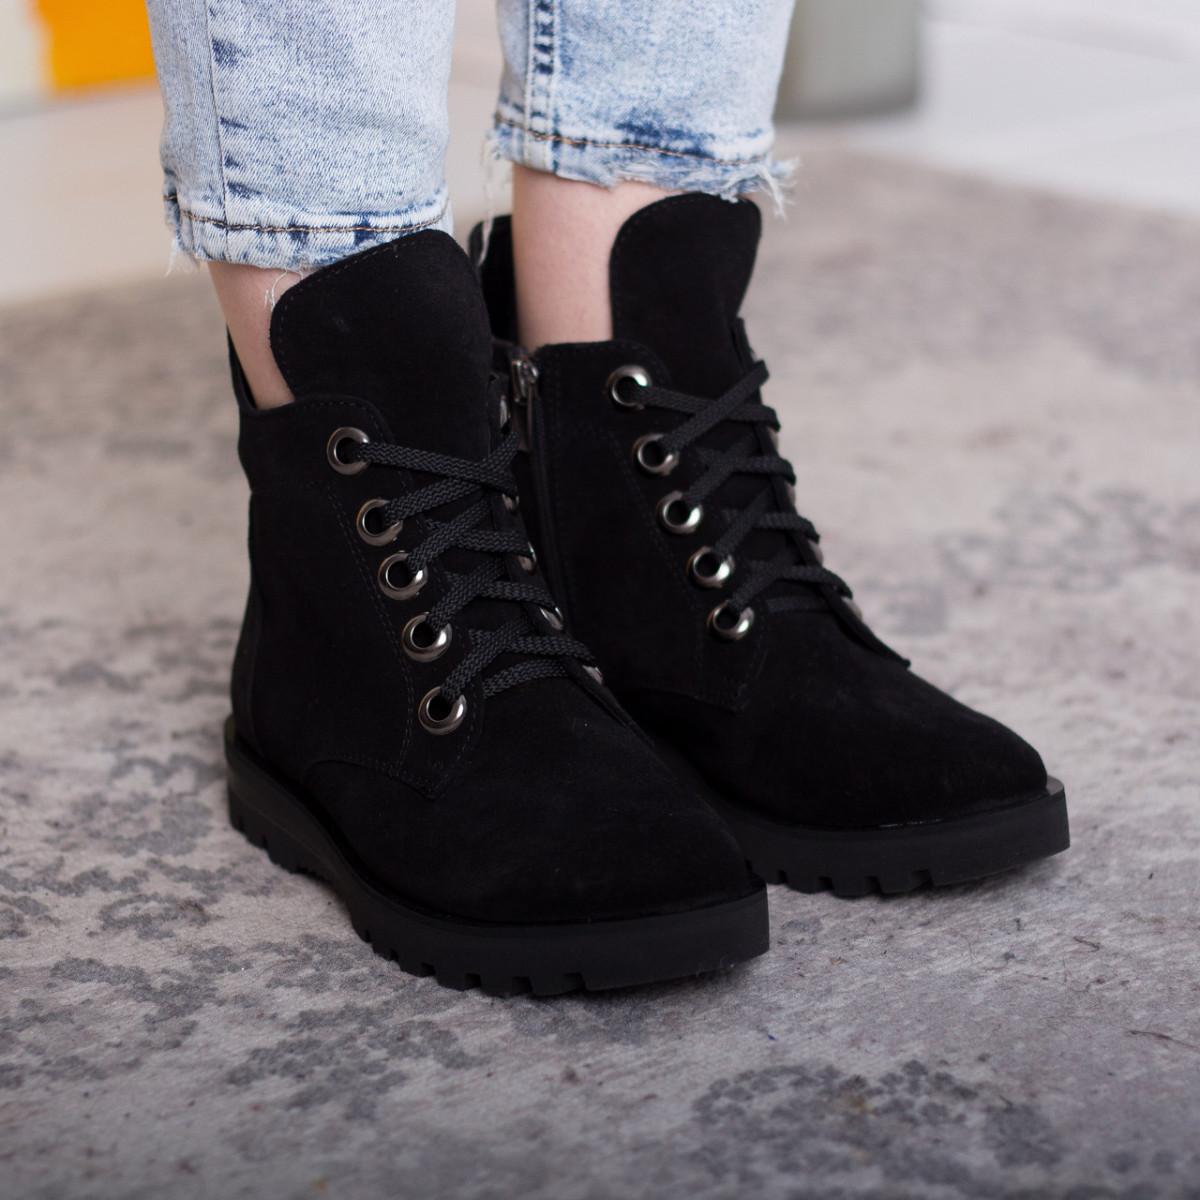 Ботинки женские Fashion Daaku 2647 40 размер 25,5 см Черный